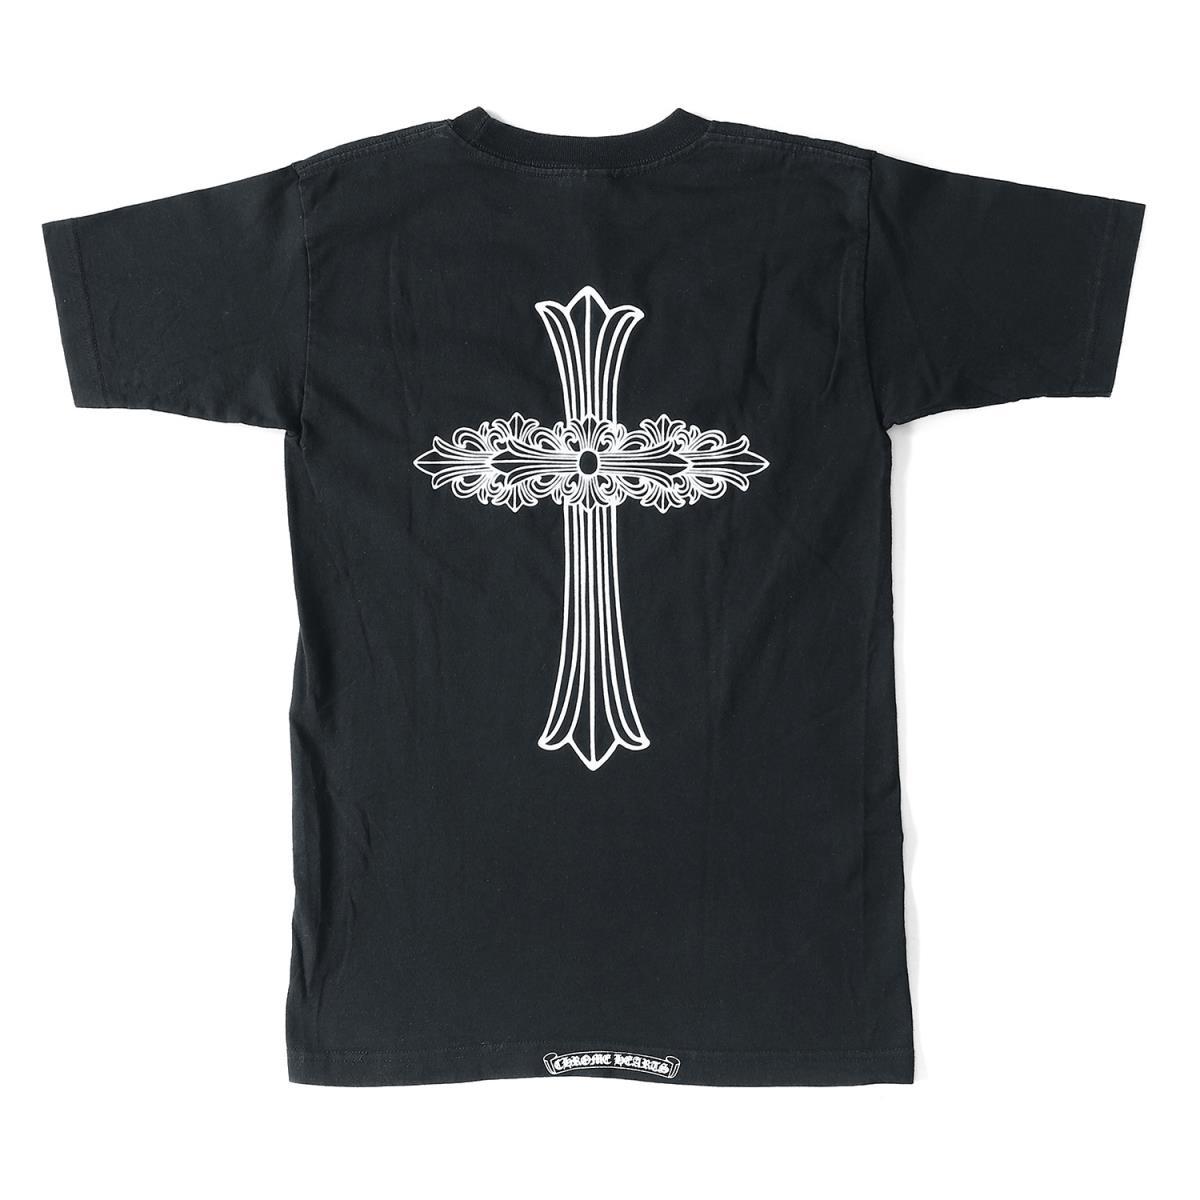 CHROME HEARTS (クロムハーツ) ポケット付きフローラルクロスTシャツ ブラック S 【メンズ】【K2055】【中古】【あす楽☆対応可】